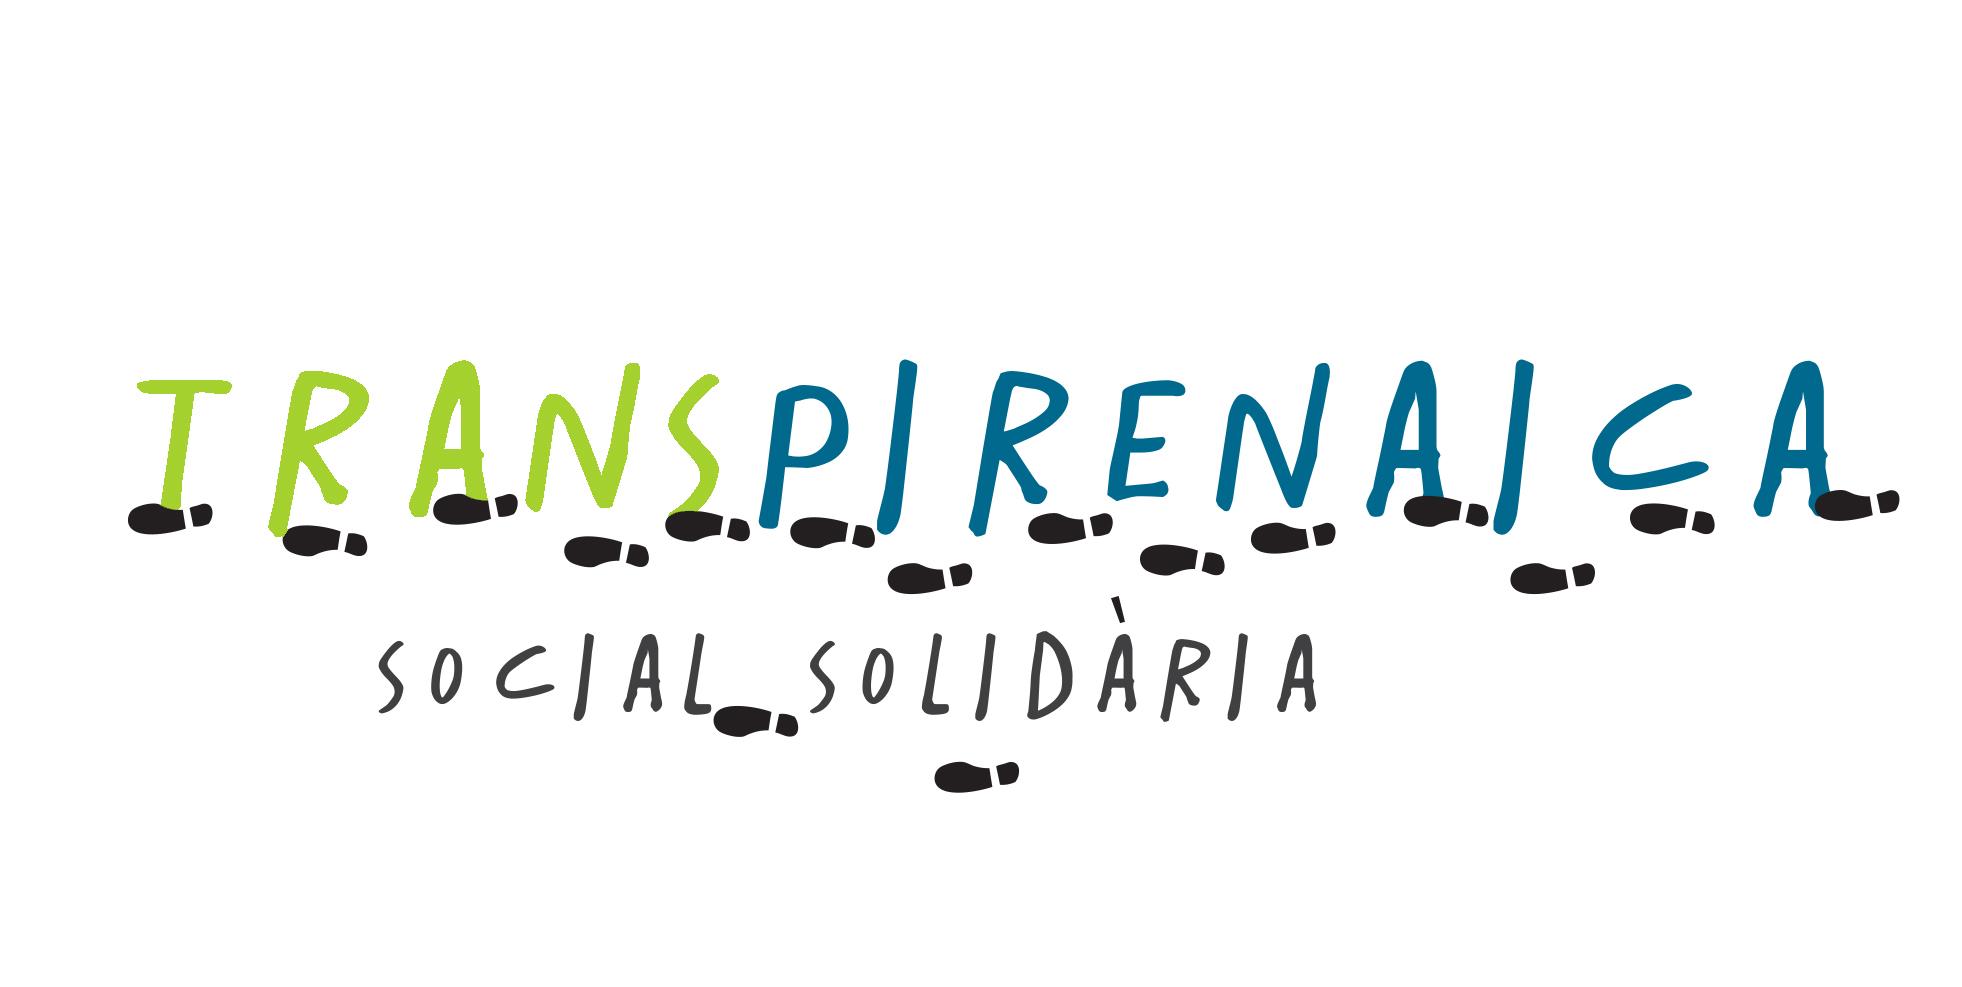 Marchando campaña para la Transpirenaica Social